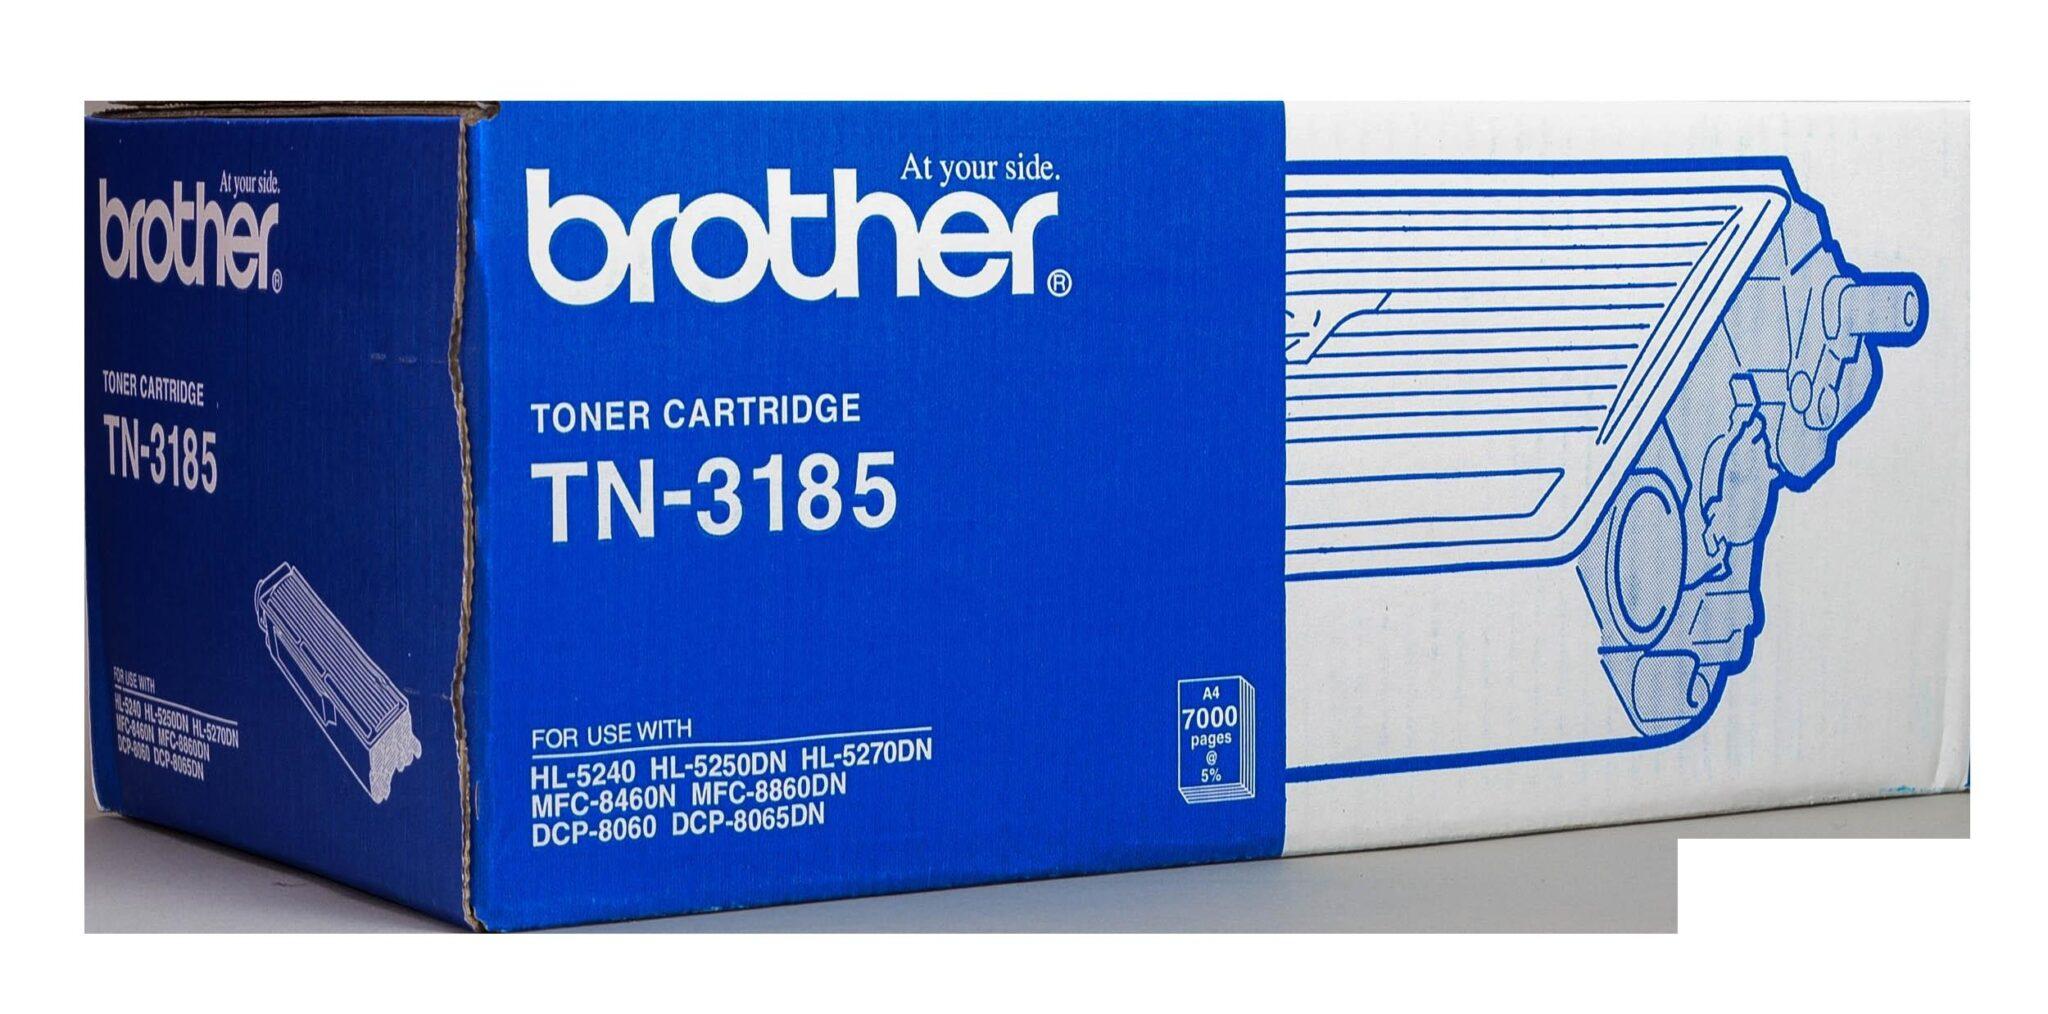 """کارتریج تونر مشکی TN-3185 برادر از تونرهای لیزری شرکت """" Brother """" میباشد. هر کارتریج دارای قطعات ، درام کارتریج ،چیپست کارتریج ، مگنت و فوم کارتریج است ."""